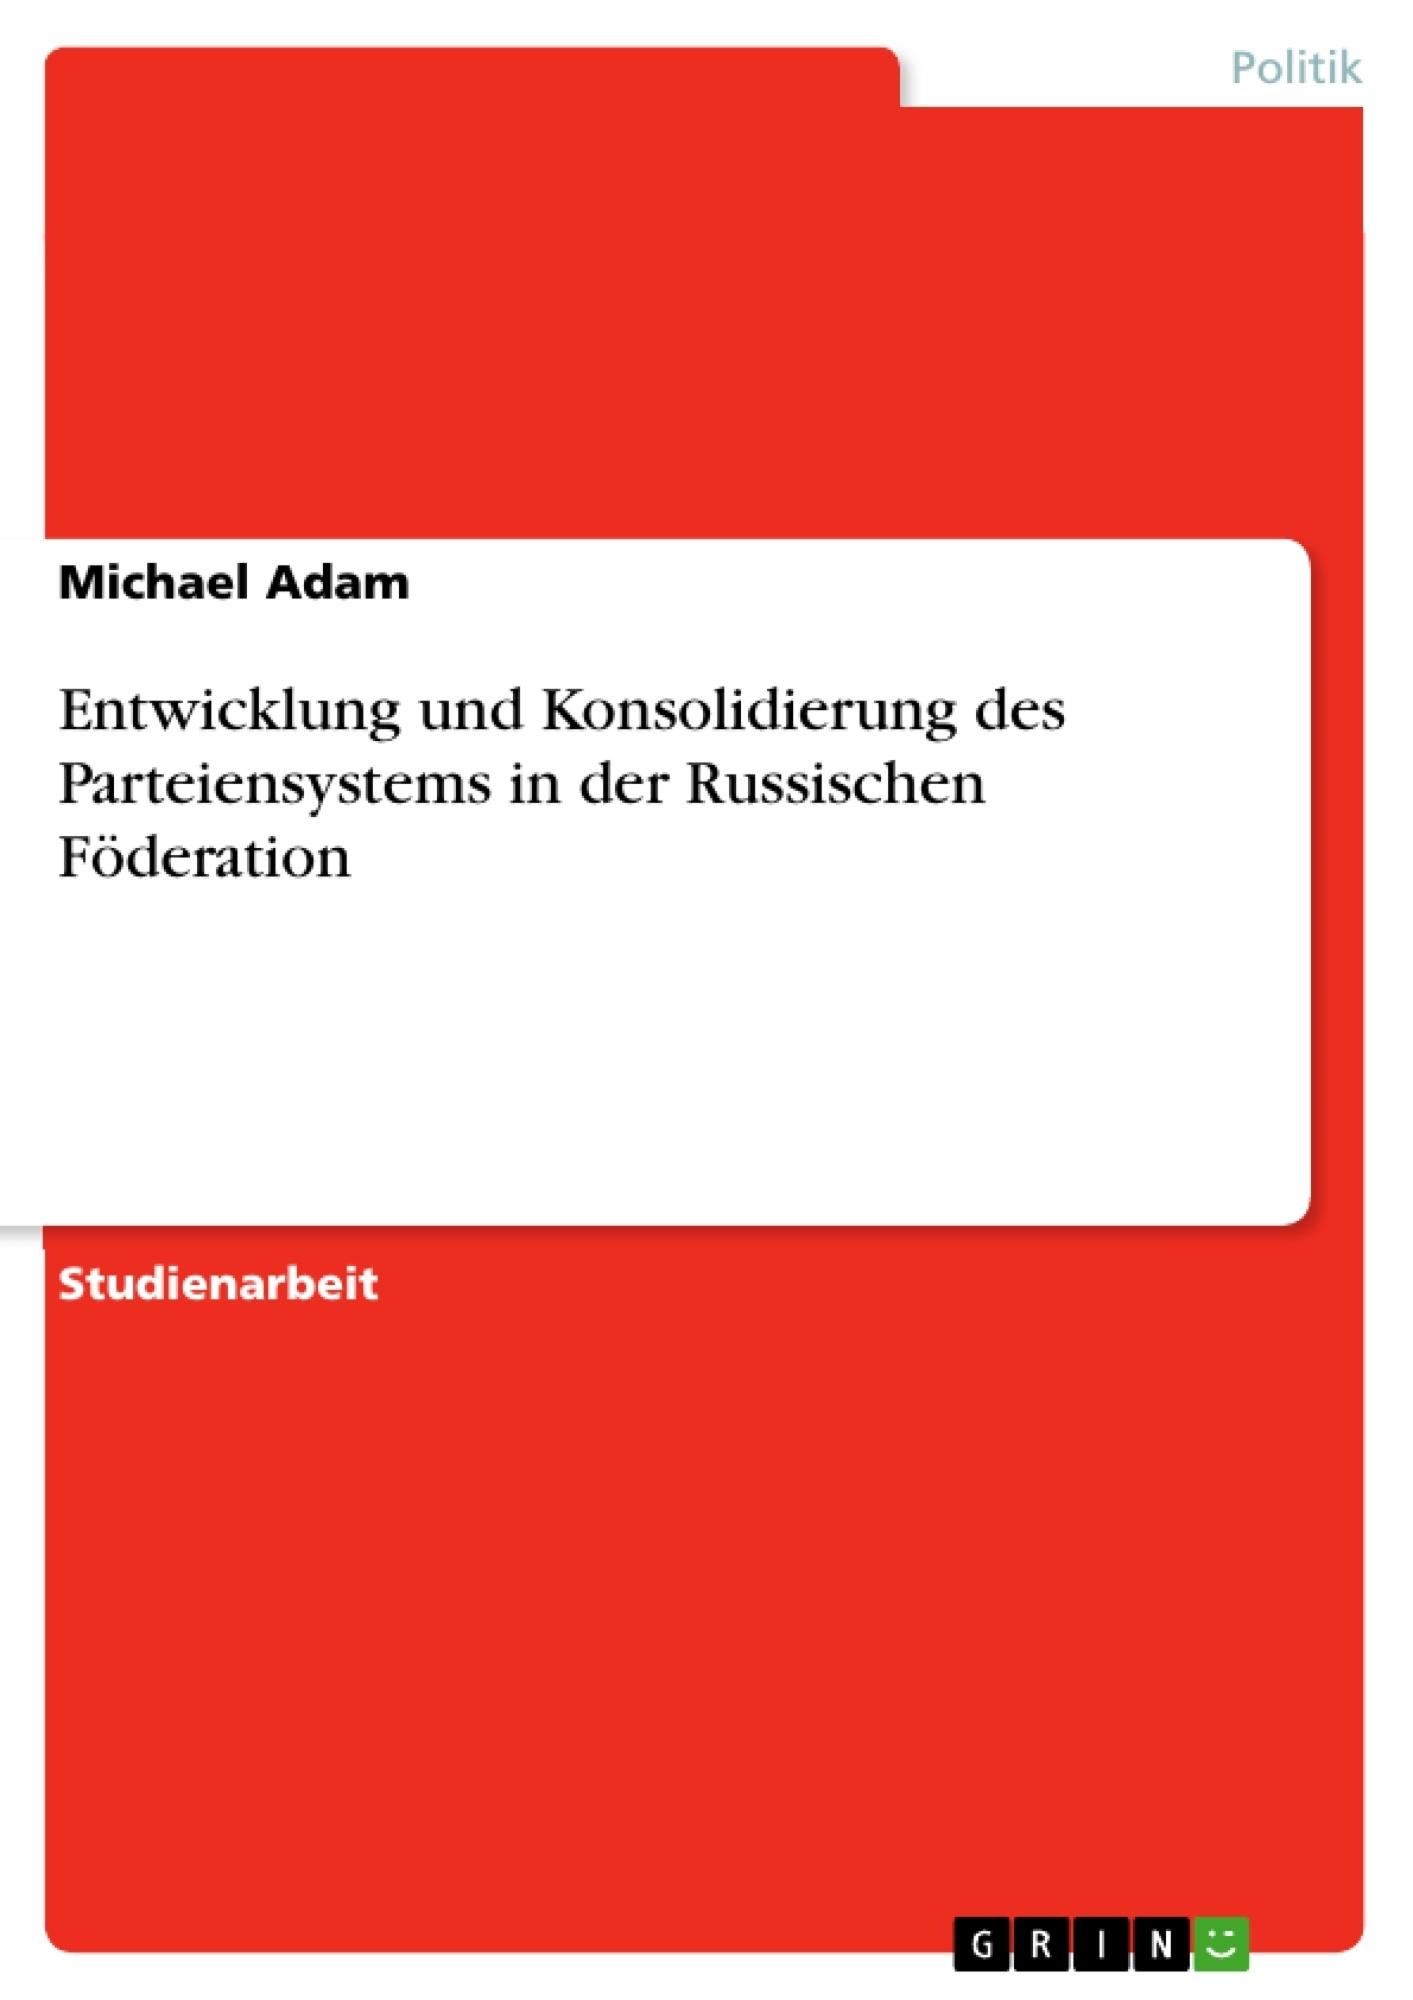 Titel: Entwicklung und Konsolidierung des Parteiensystems in der Russischen Föderation